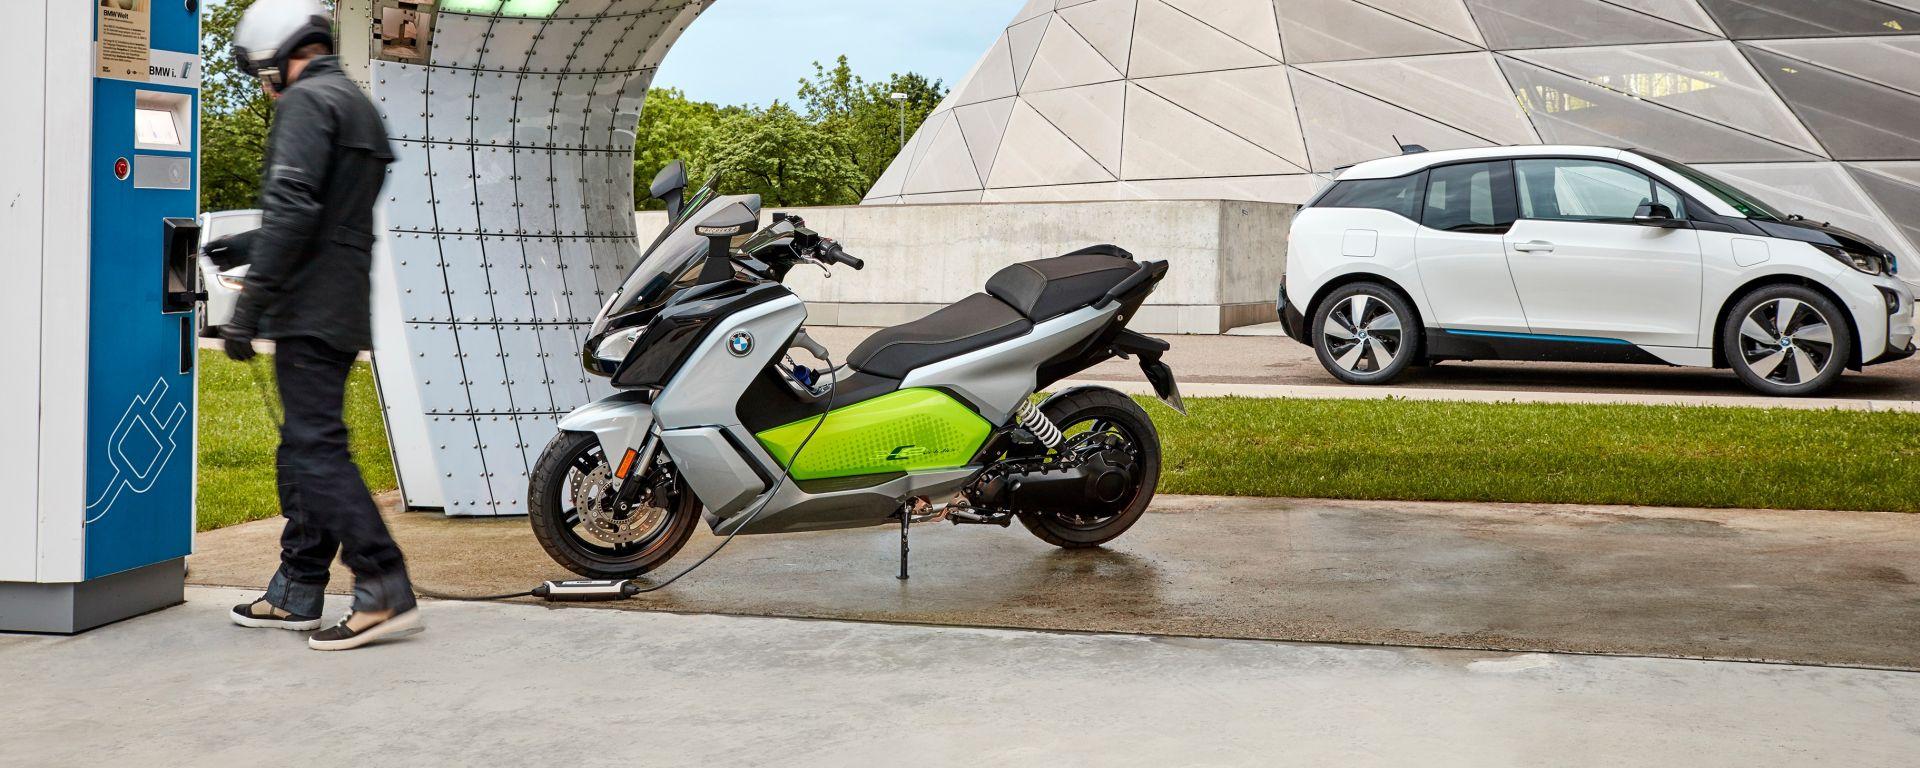 Incentivi rottamazione 2019, ci sono anche i motocicli